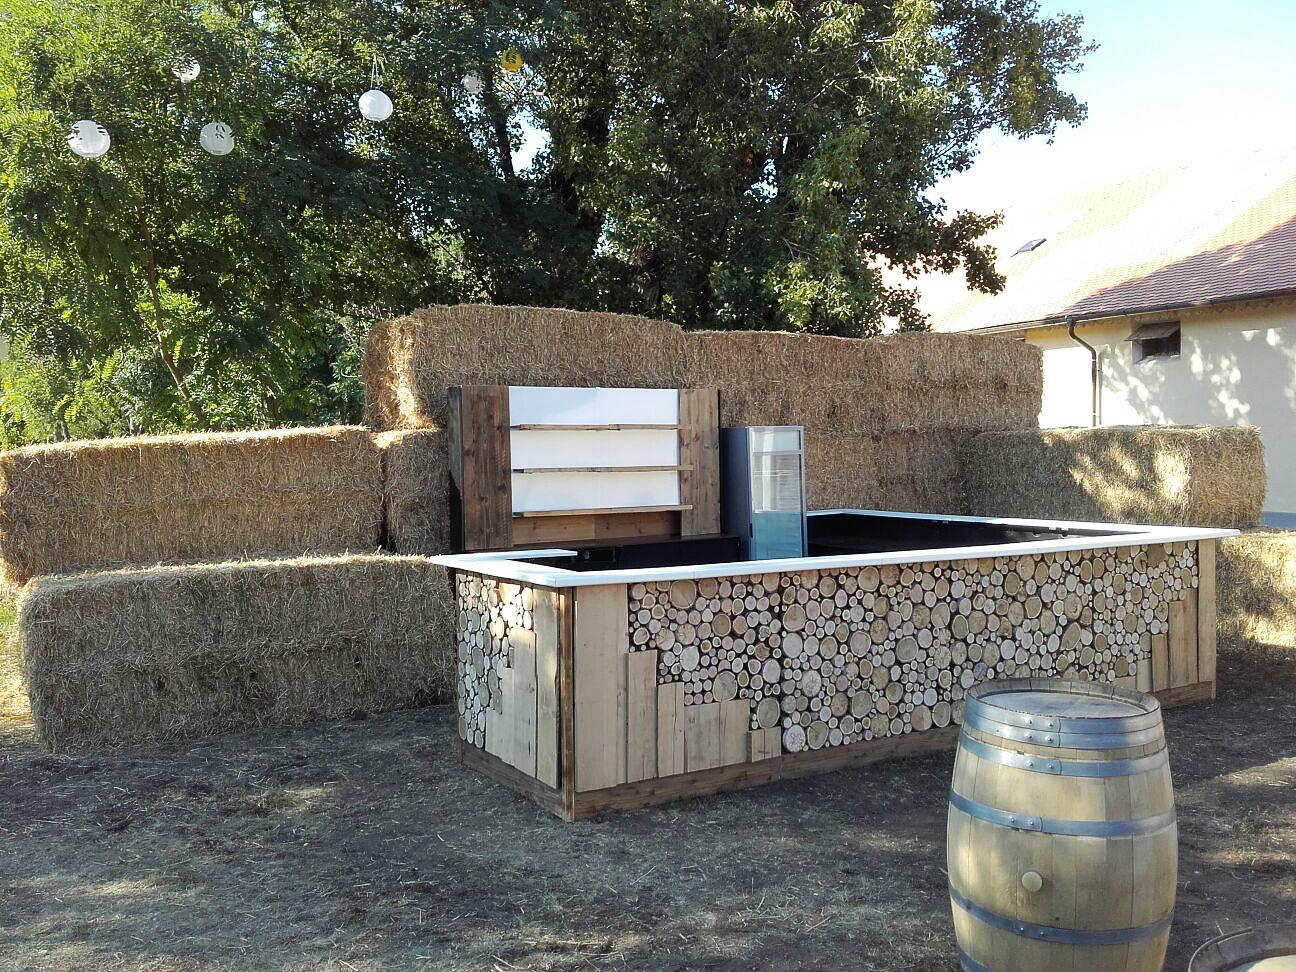 Hütten Bar - die mietbar